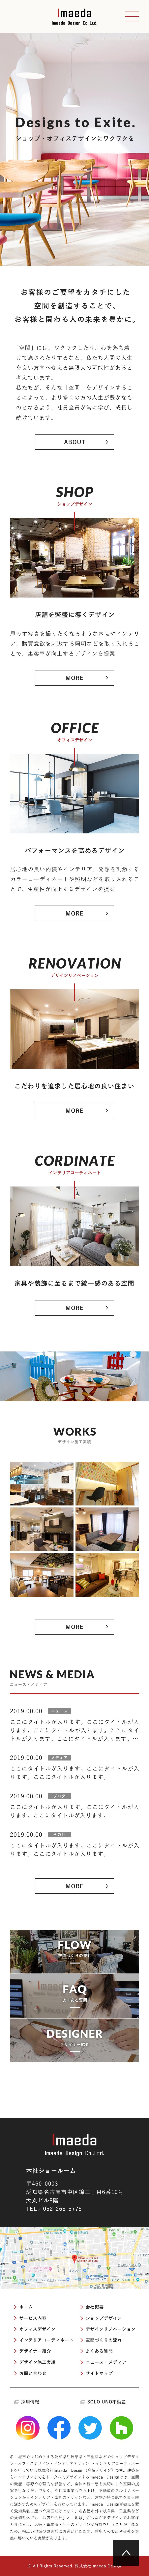 株式会社Imaeda Design 様